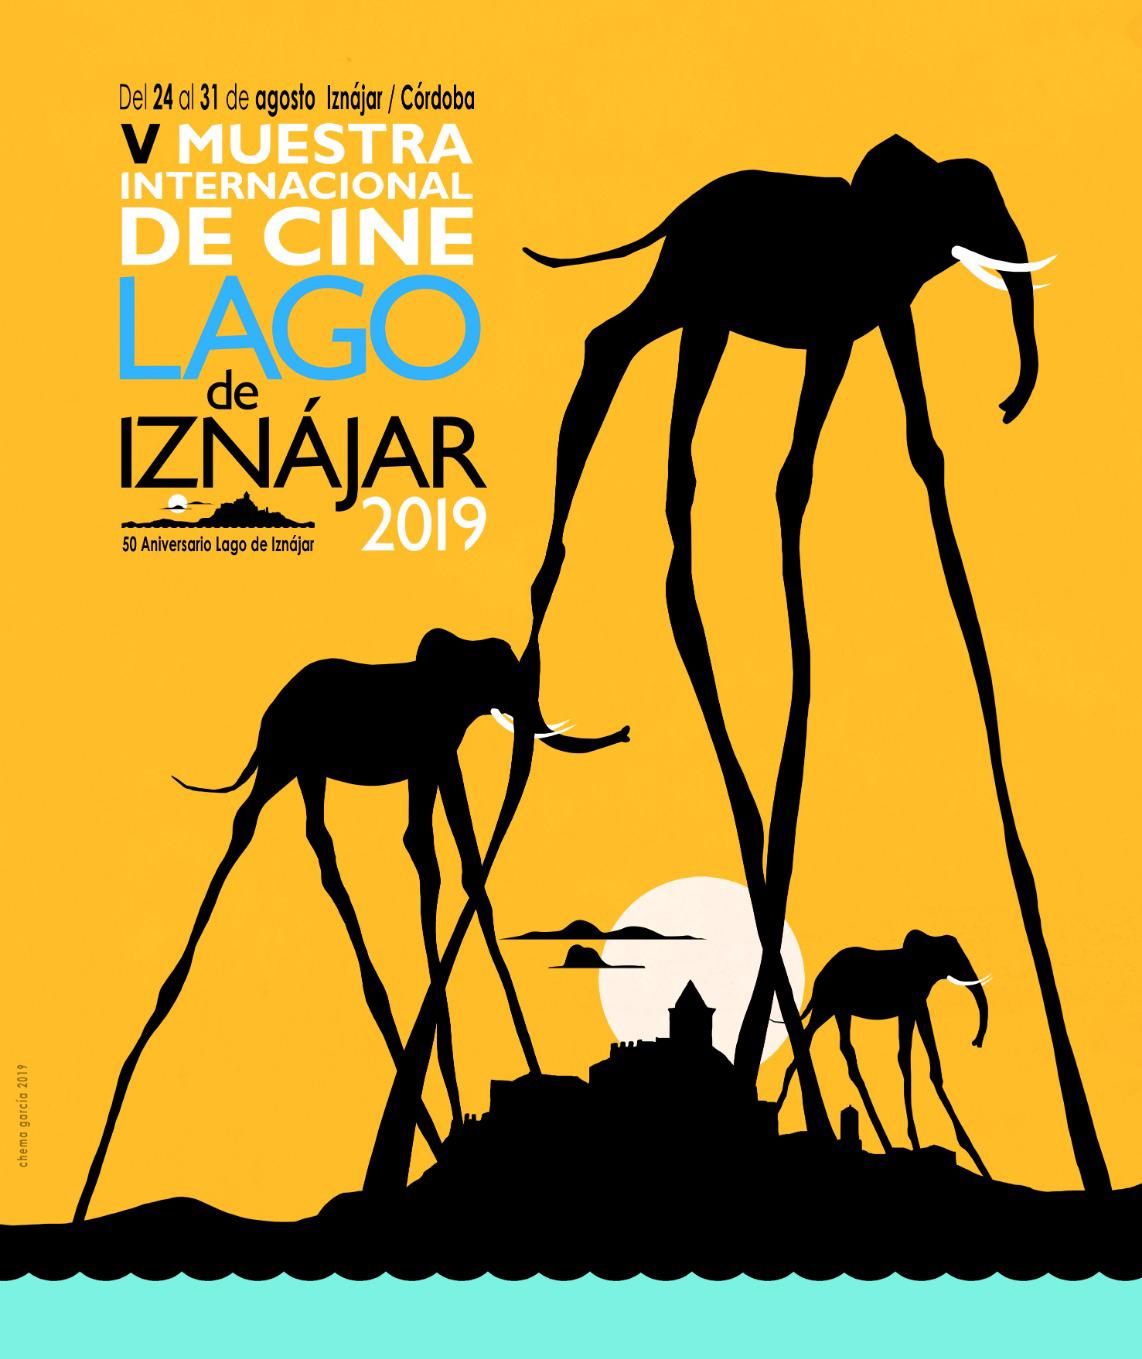 V Muestra Internacional de Cine del Lago de Iznájar